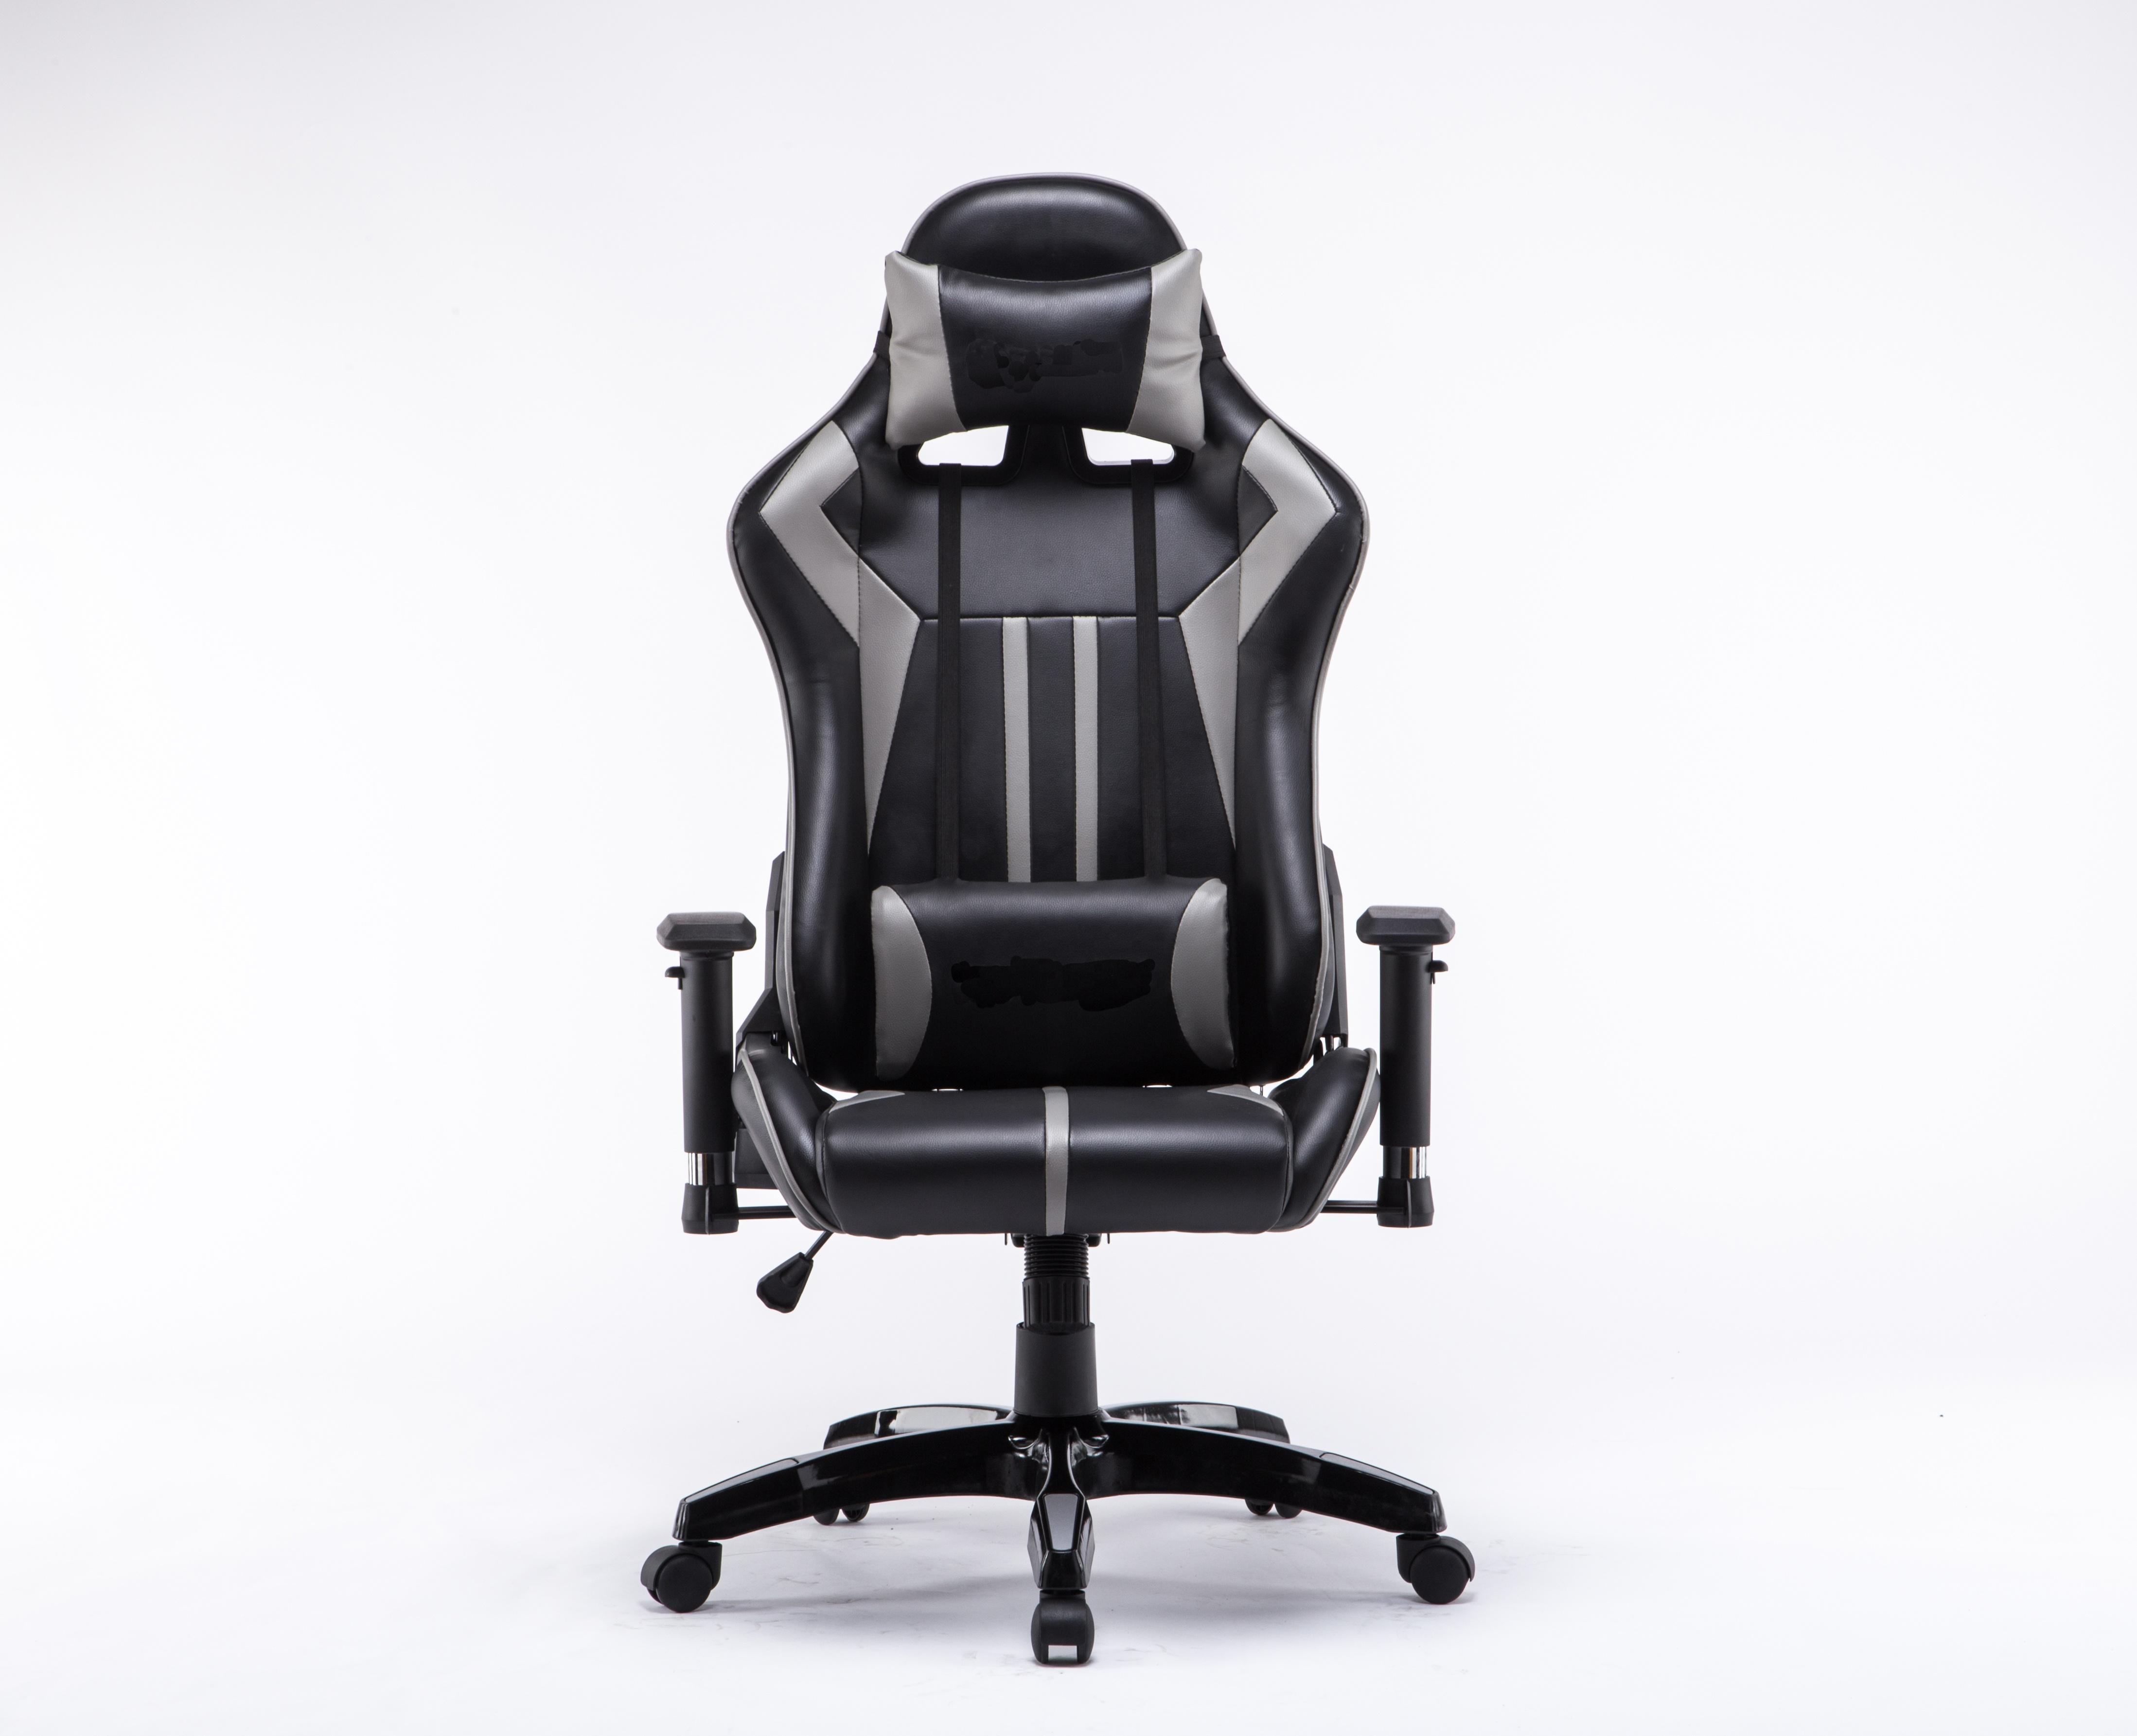 Henglin Perabot Kantor Modern Desain Putar Permainan Komputer Kursi Nyaman Uni Eropa Gudang PU Gaming Kursi